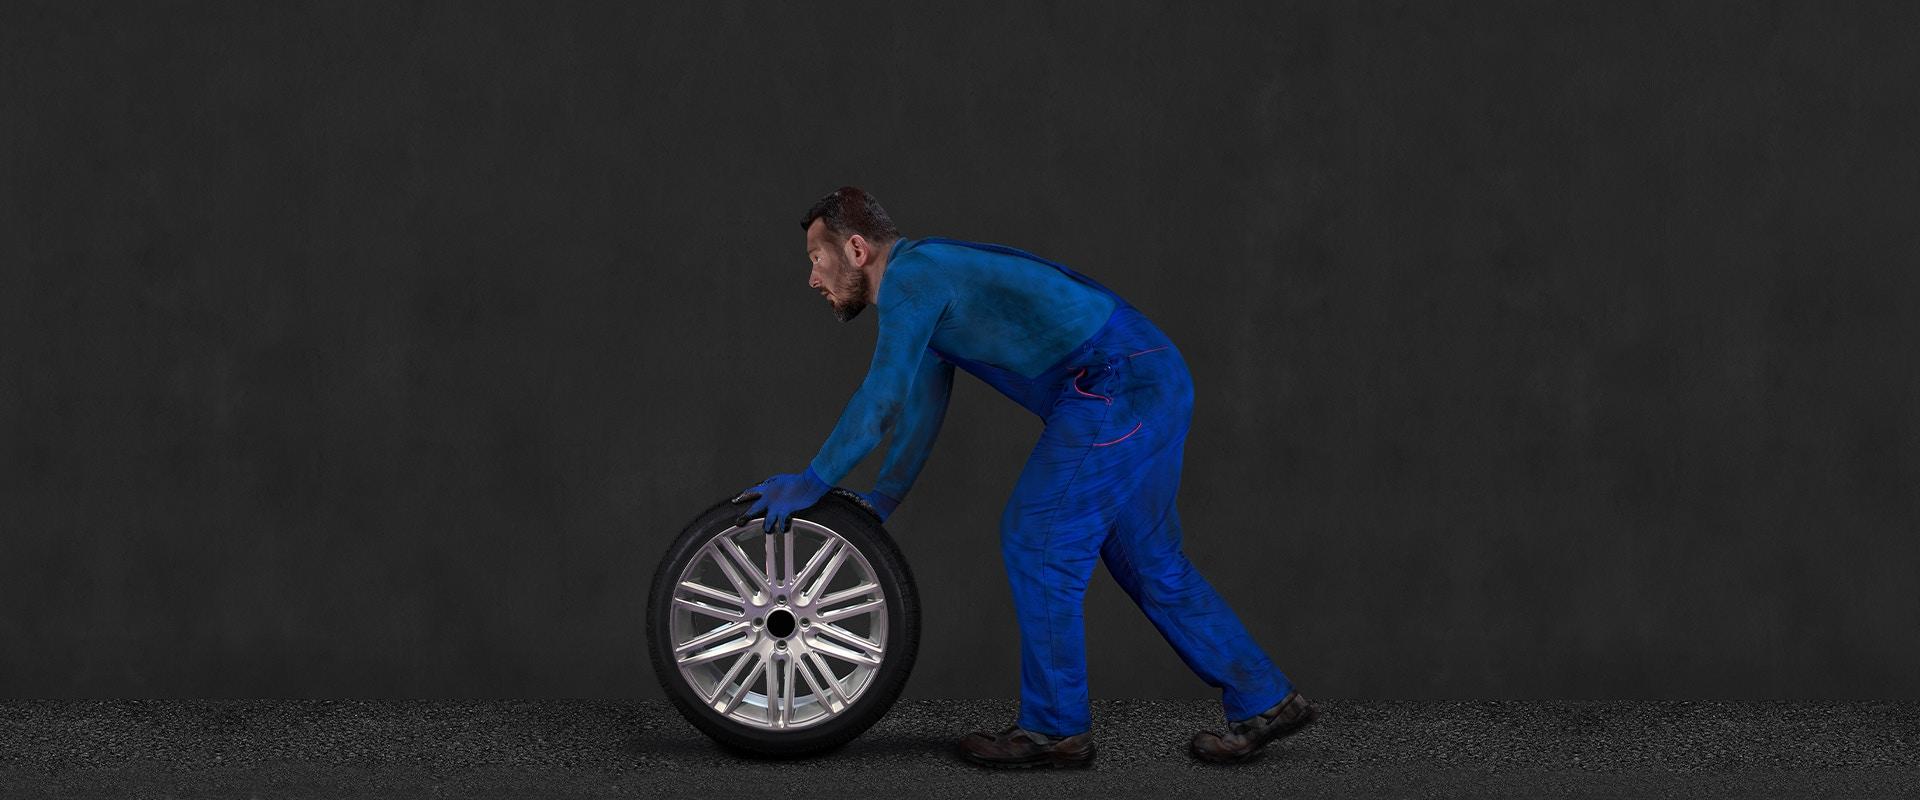 Ein Mann in einem blauen Overall rollt einen Reifen